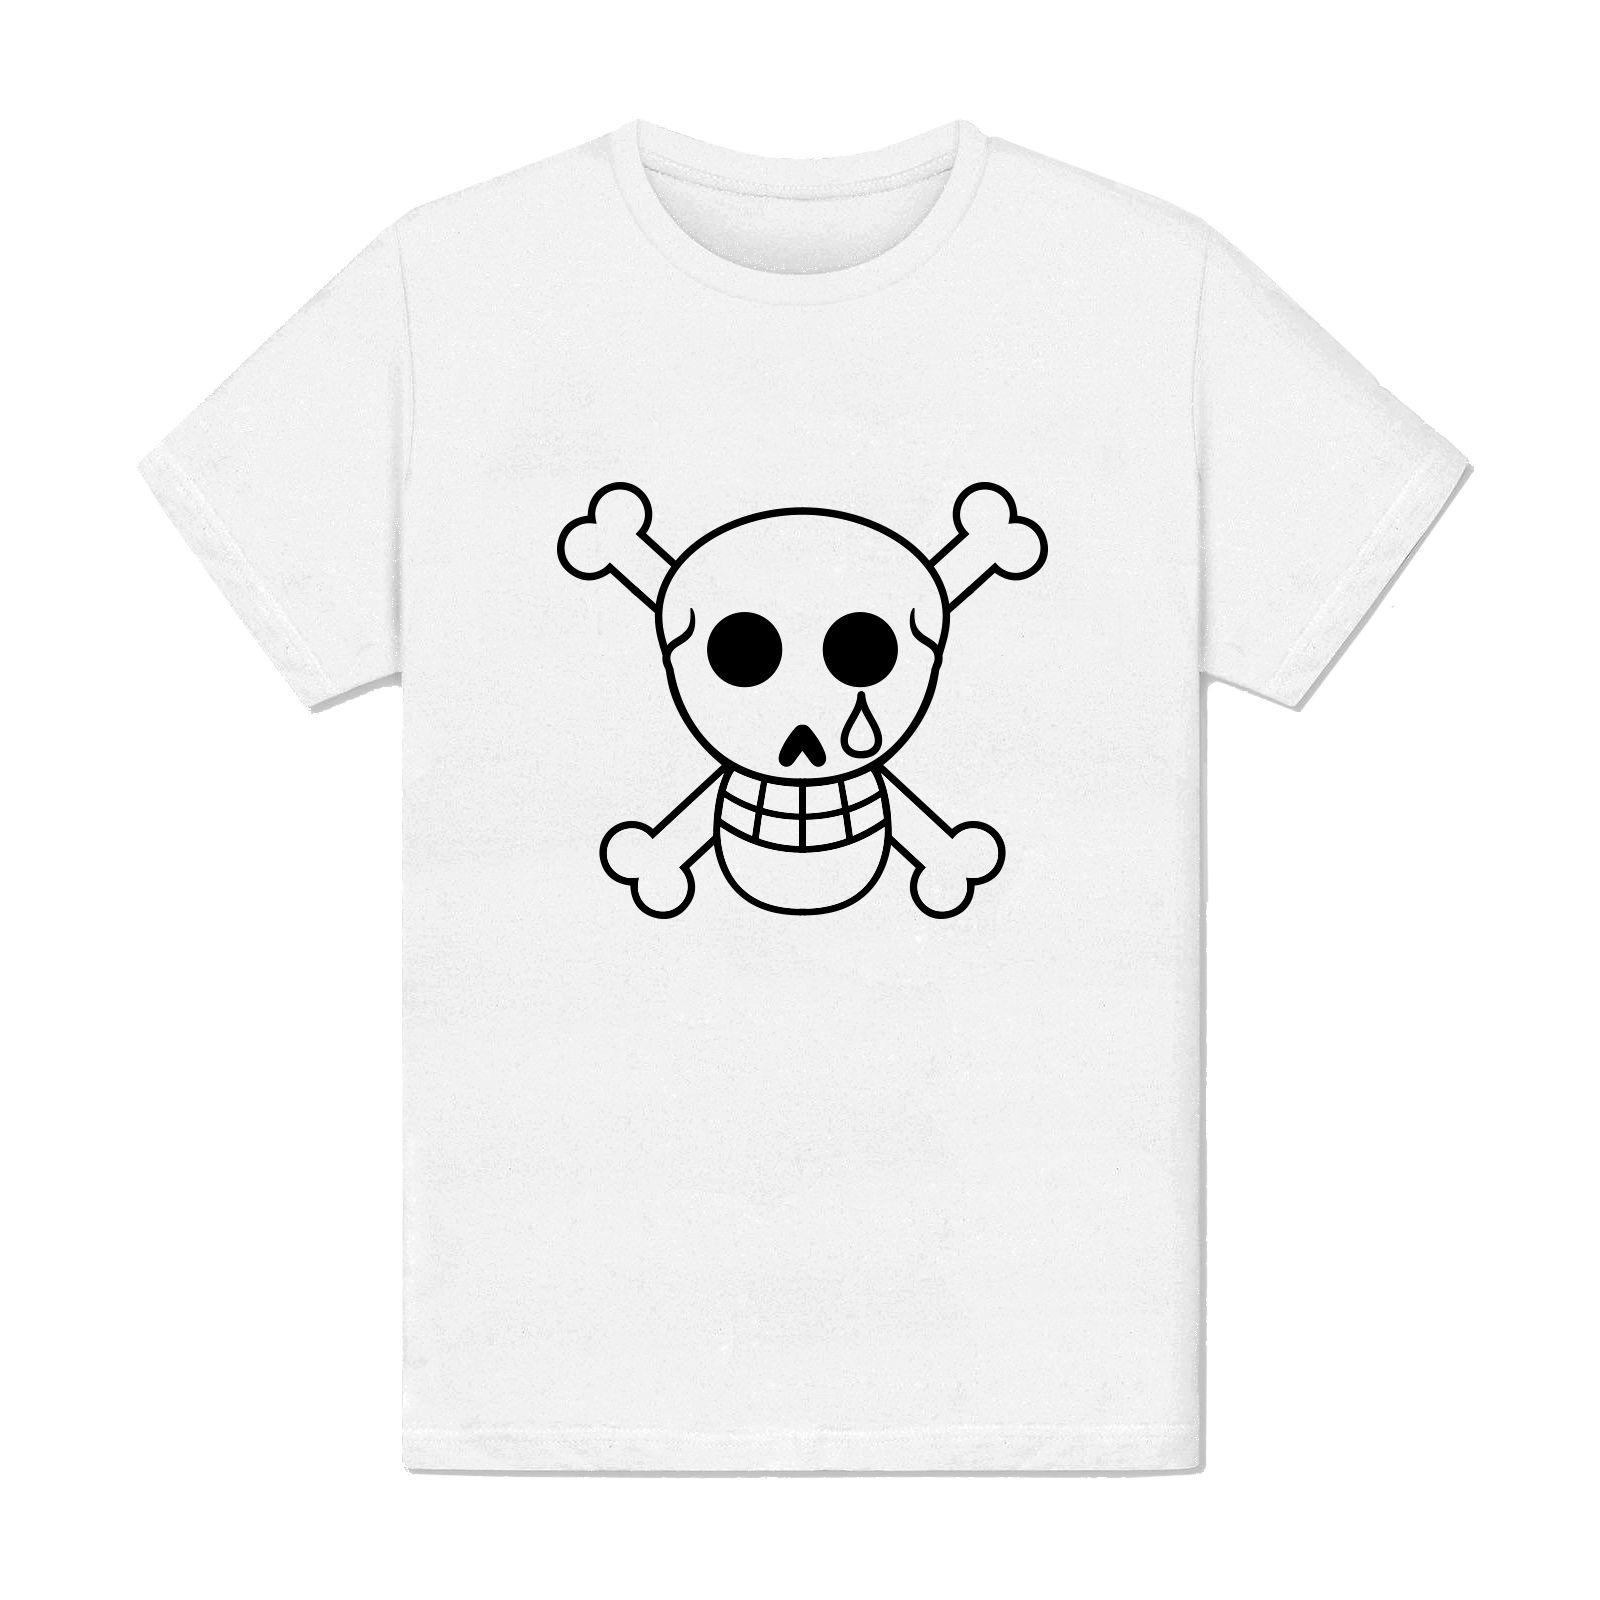 T-shirt Homme - Halloween tete de mort larmoyante - Triste pleure illustration